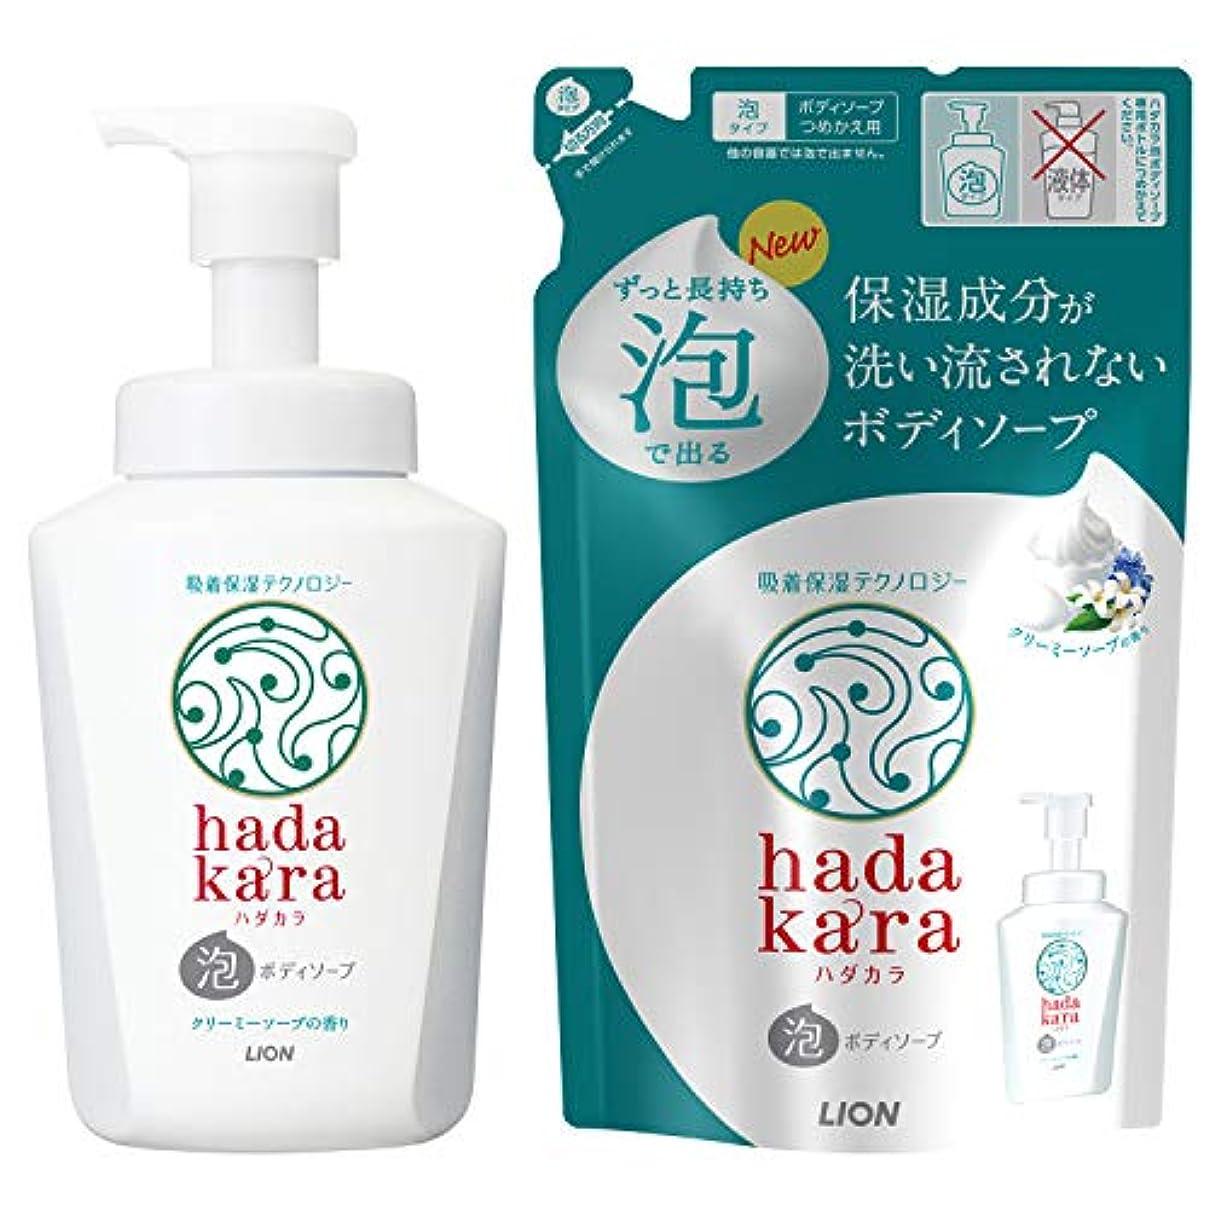 コンドームマトロンレパートリーhadakara(ハダカラ) ボディソープ 泡タイプ クリーミーソープの香り 本体550ml+詰替440ml 1